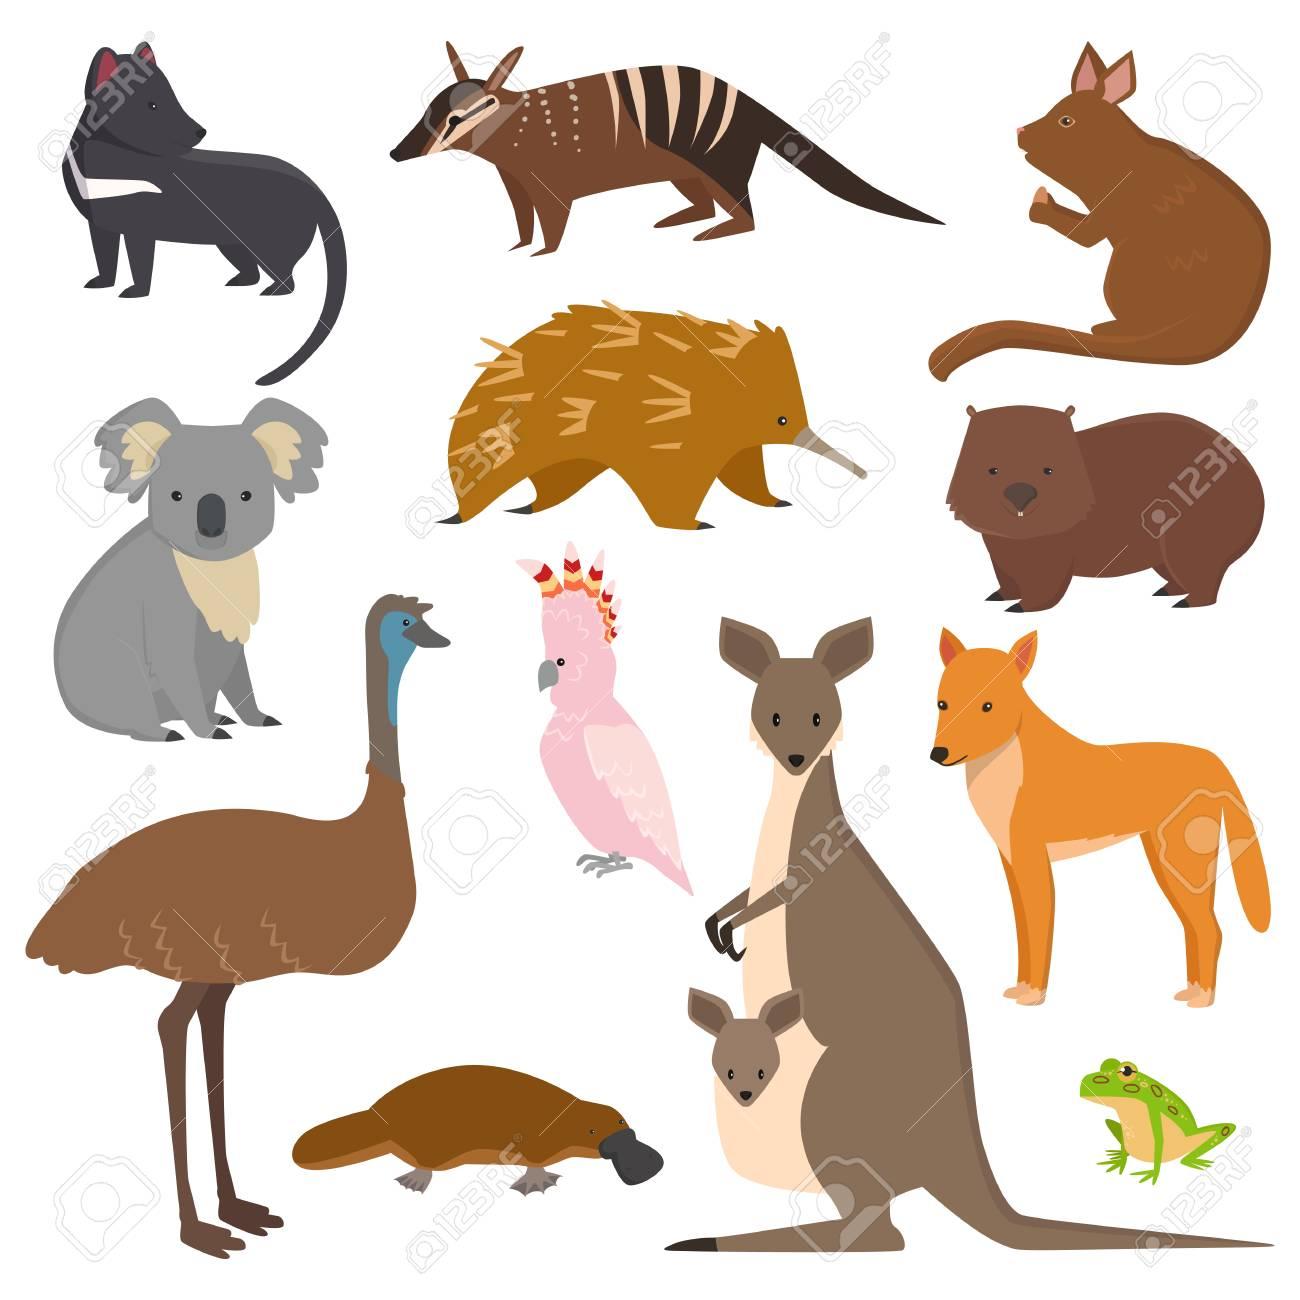 Australian wild animals vector set - 96756172